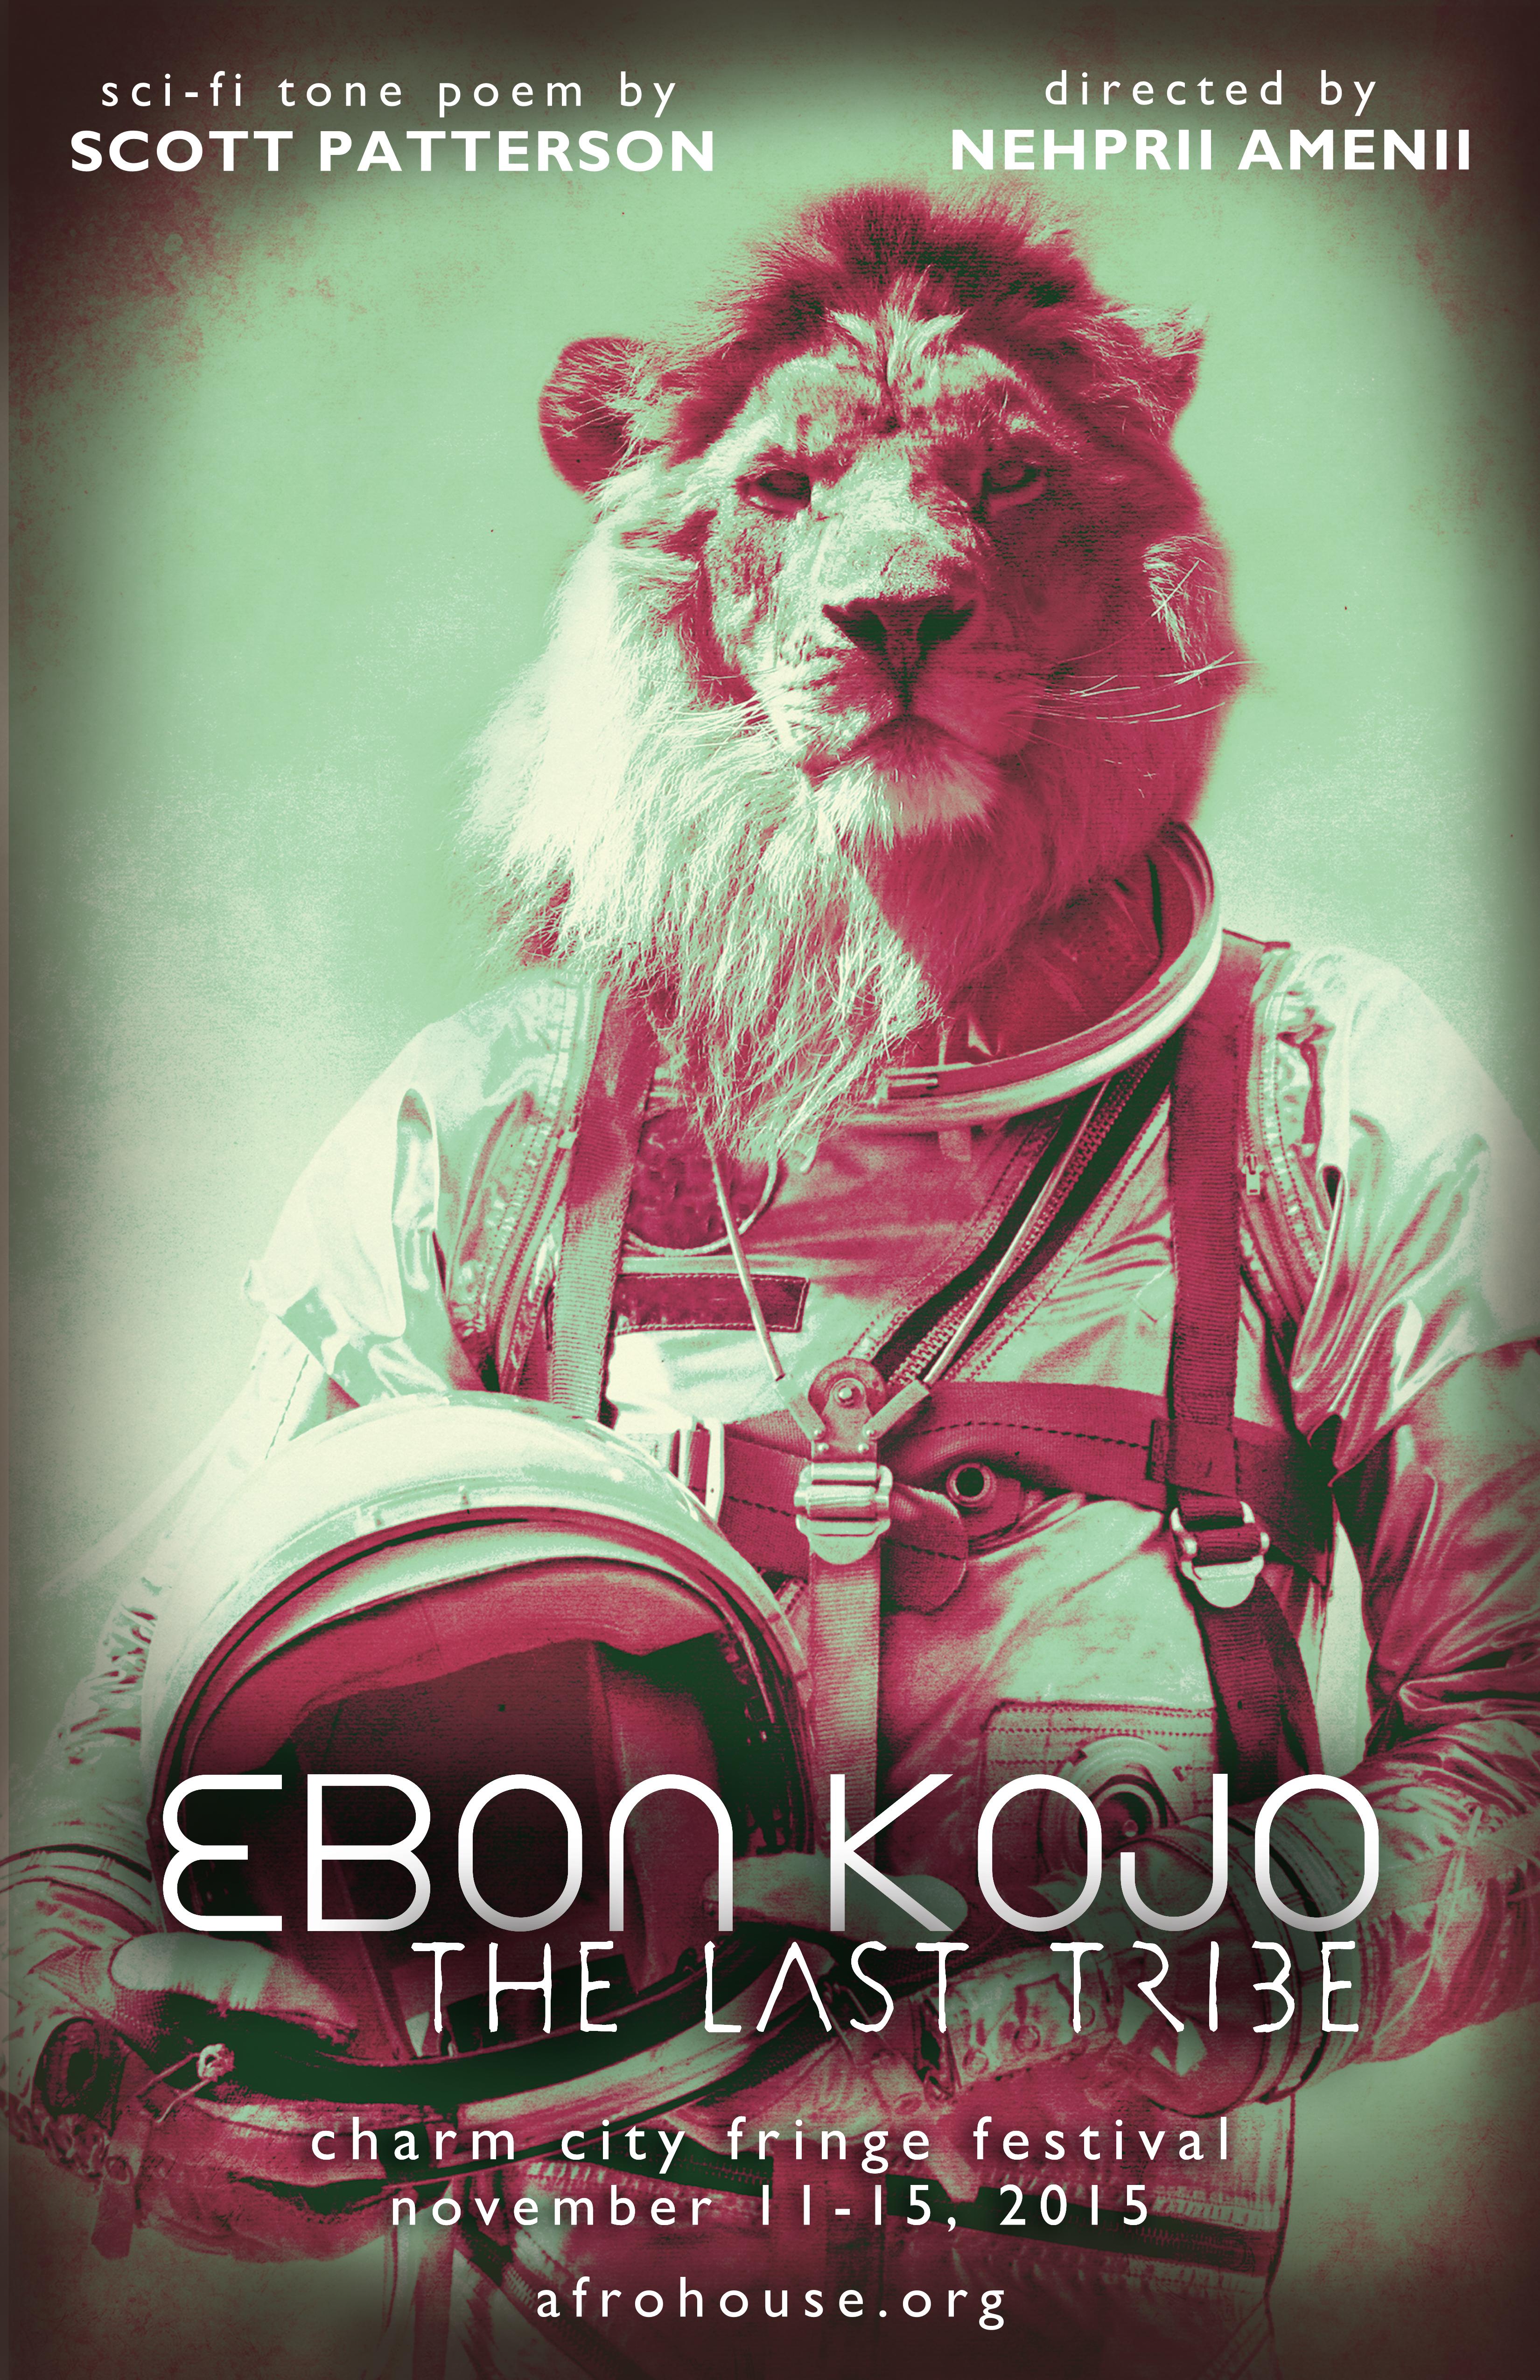 Color Image of a Lion Astronaut